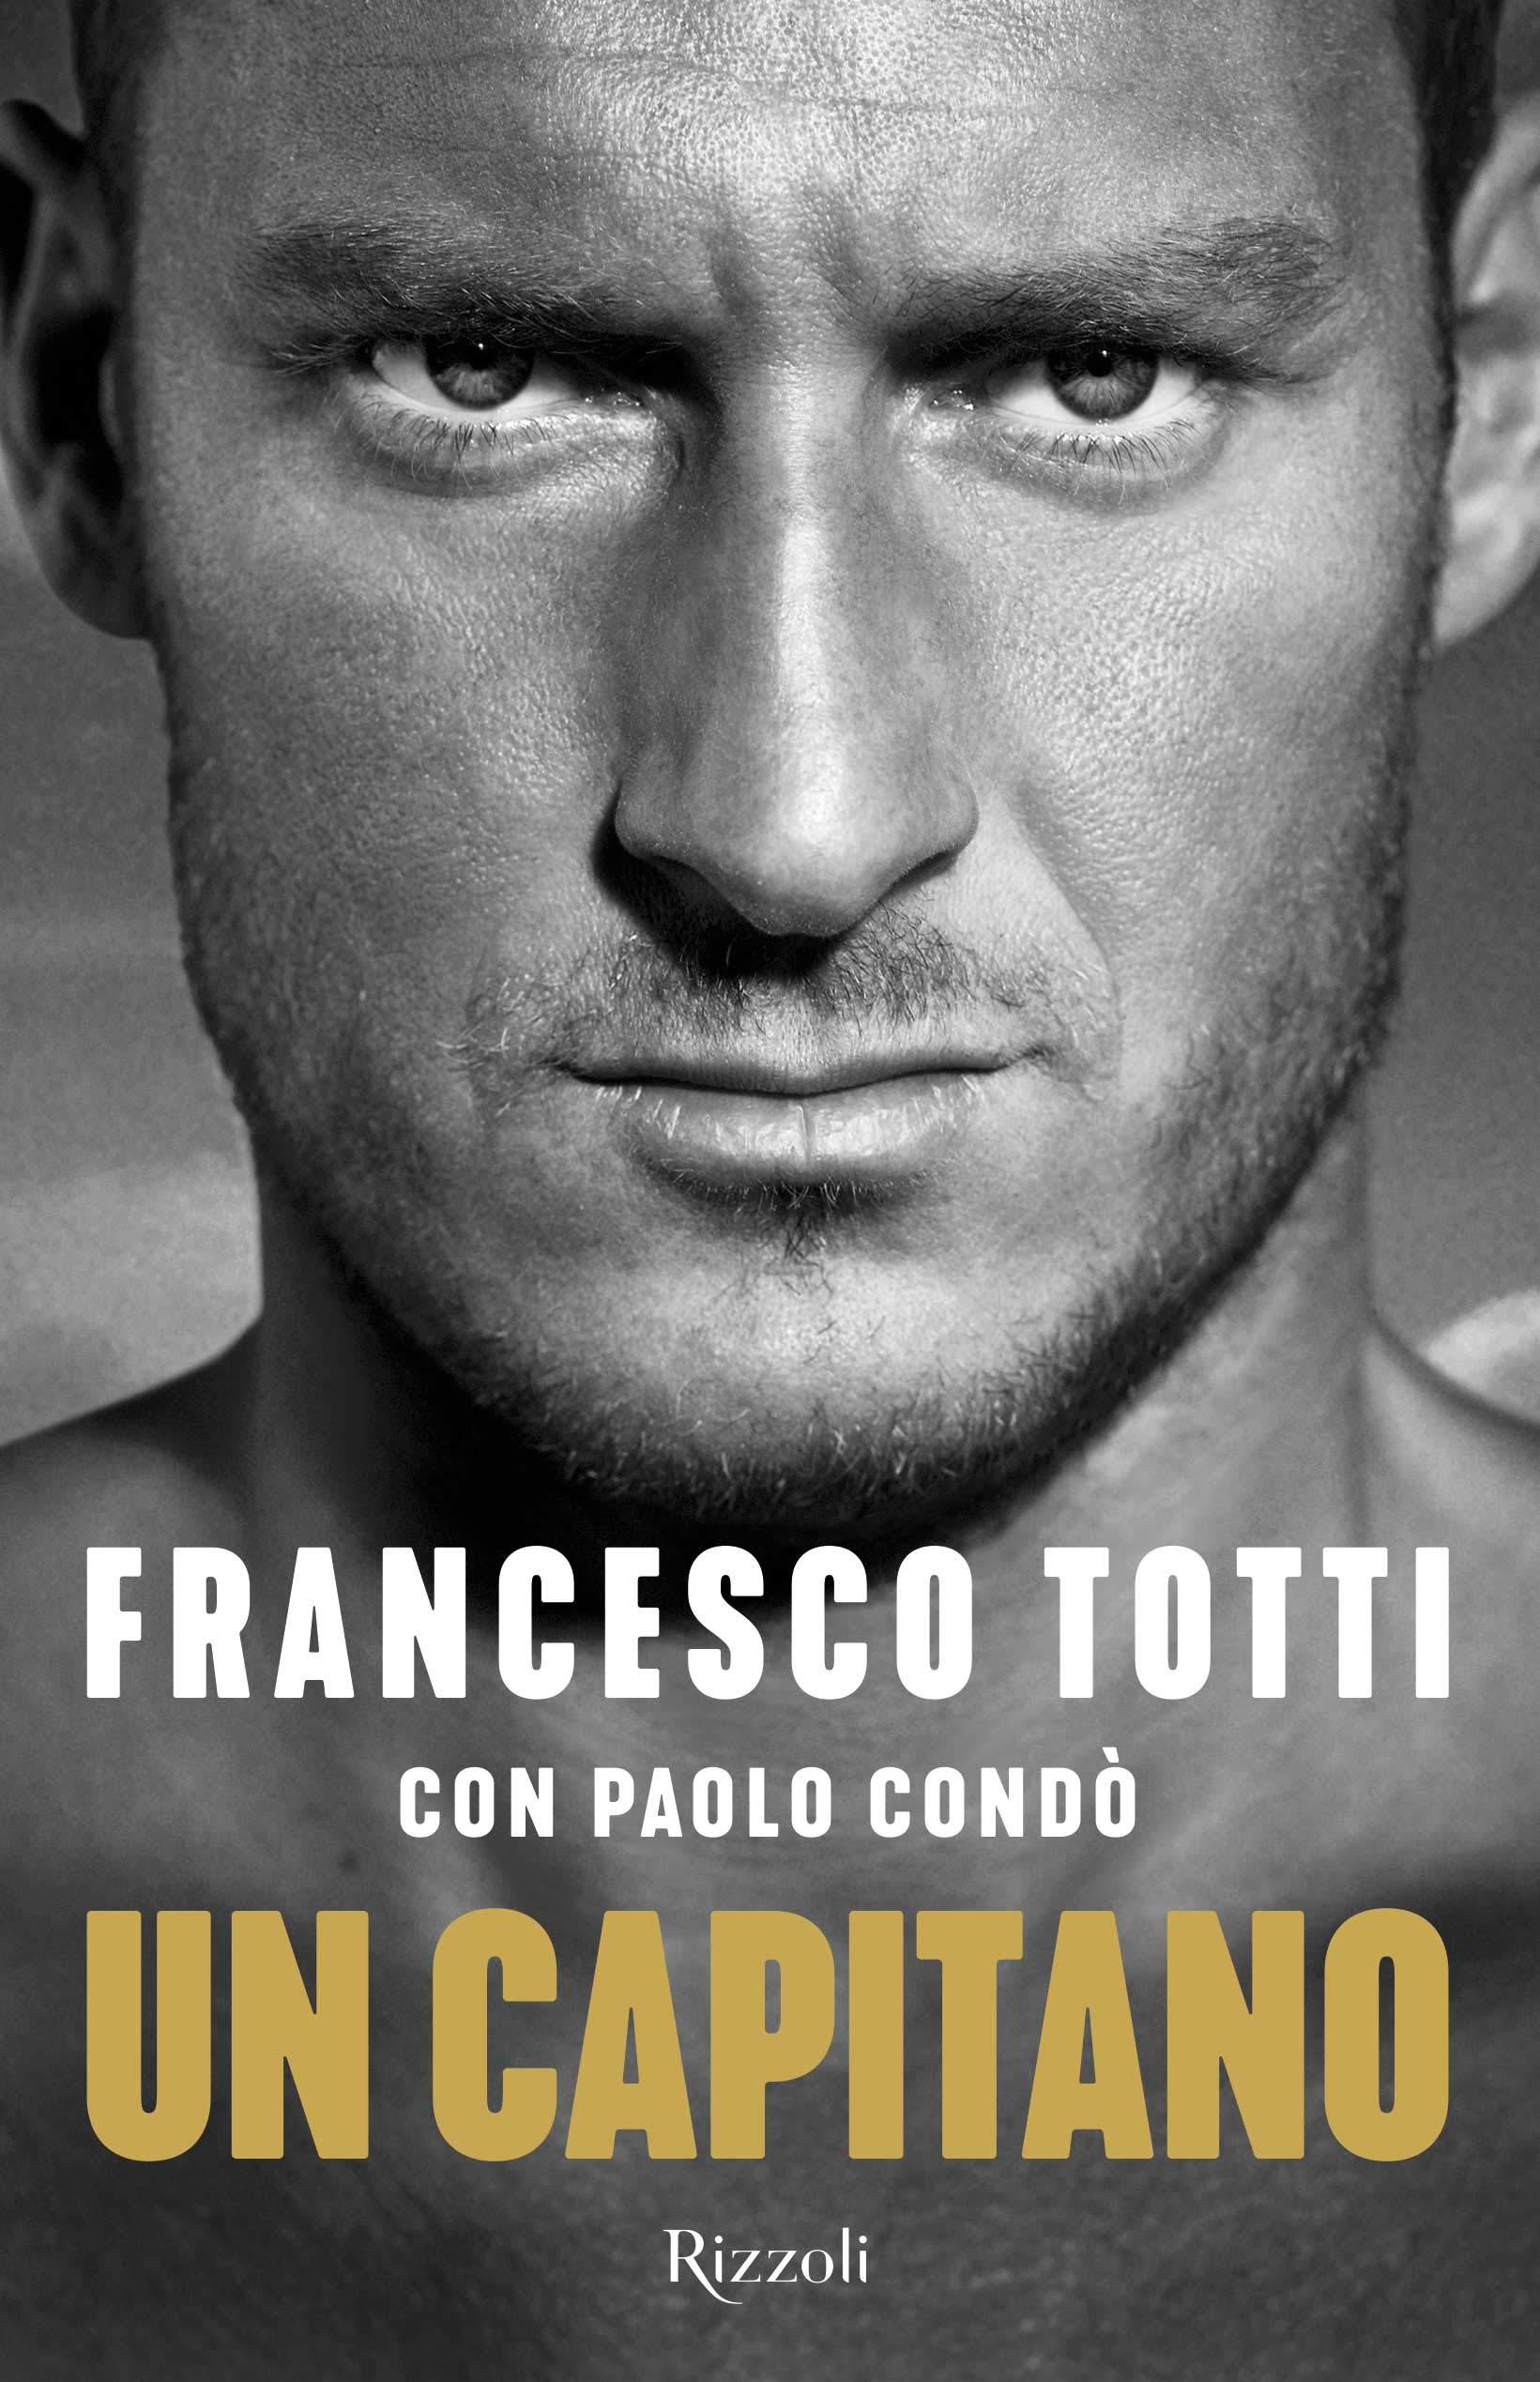 Un capitano Copertina rigida – 27 set 2018 Francesco Totti Paolo Condò Rizzoli 8817105864